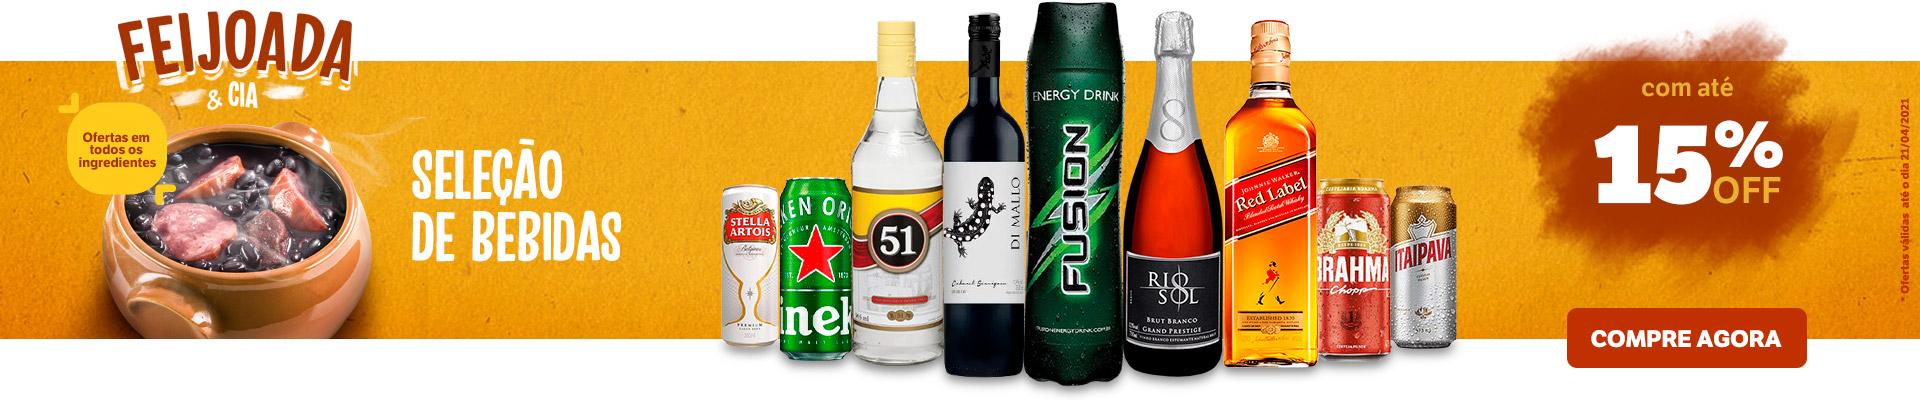 Feijoada_bebidas